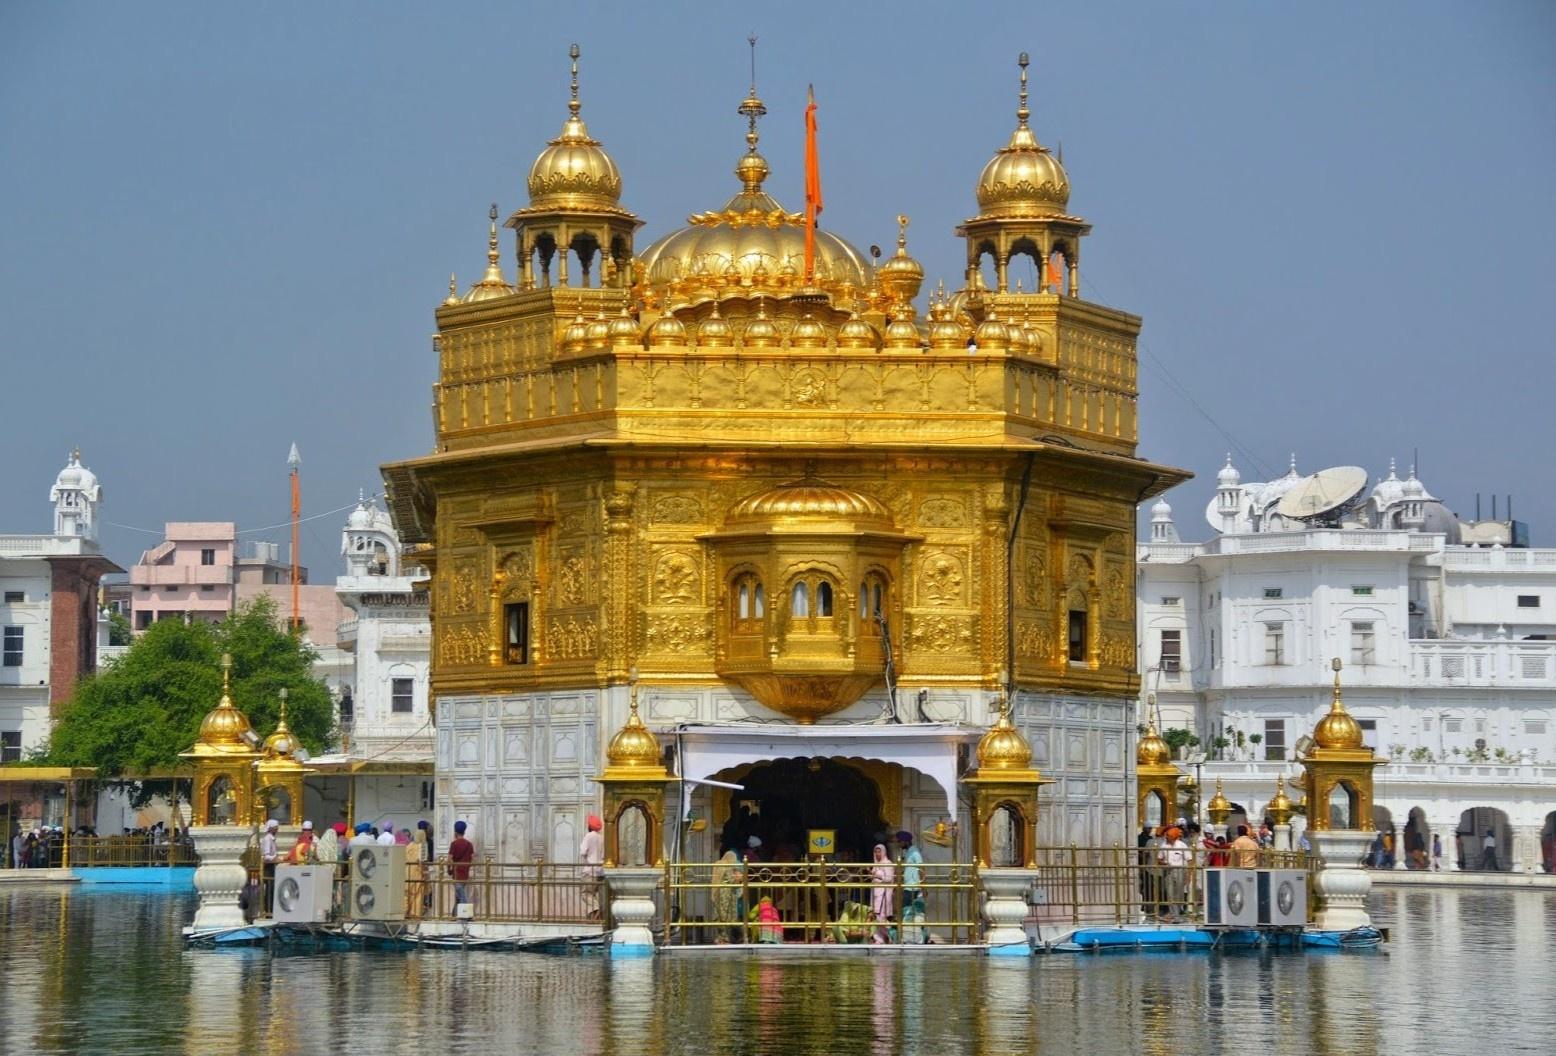 Ngôi đền dát vàng nổi tiếng ở Ấn Độ